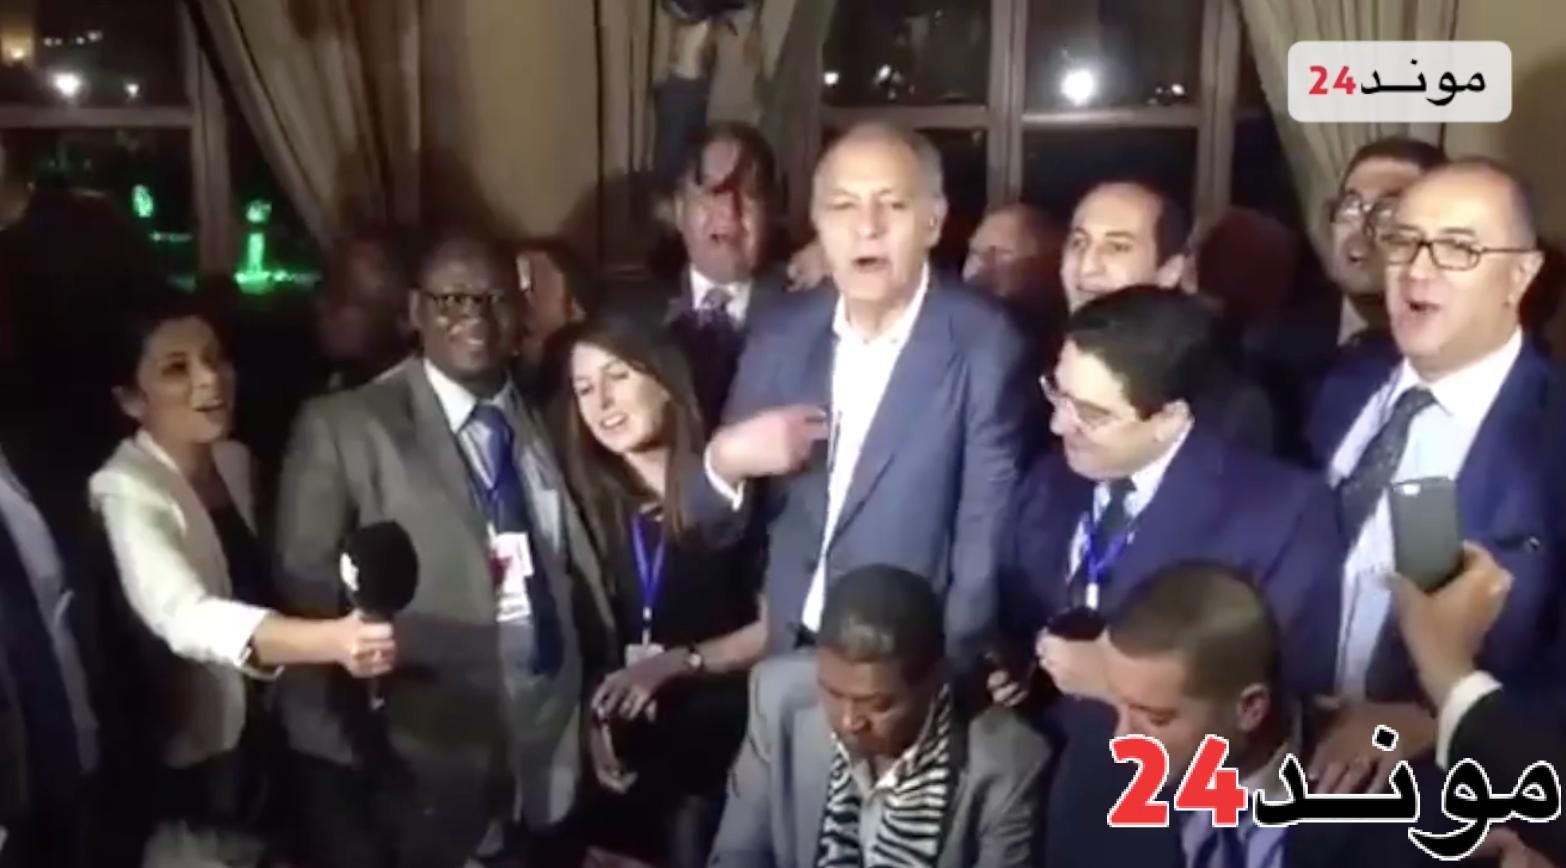 دبلوماسيين مغاربة يغنون النشيد الوطني في الاتحاد الأفريقي